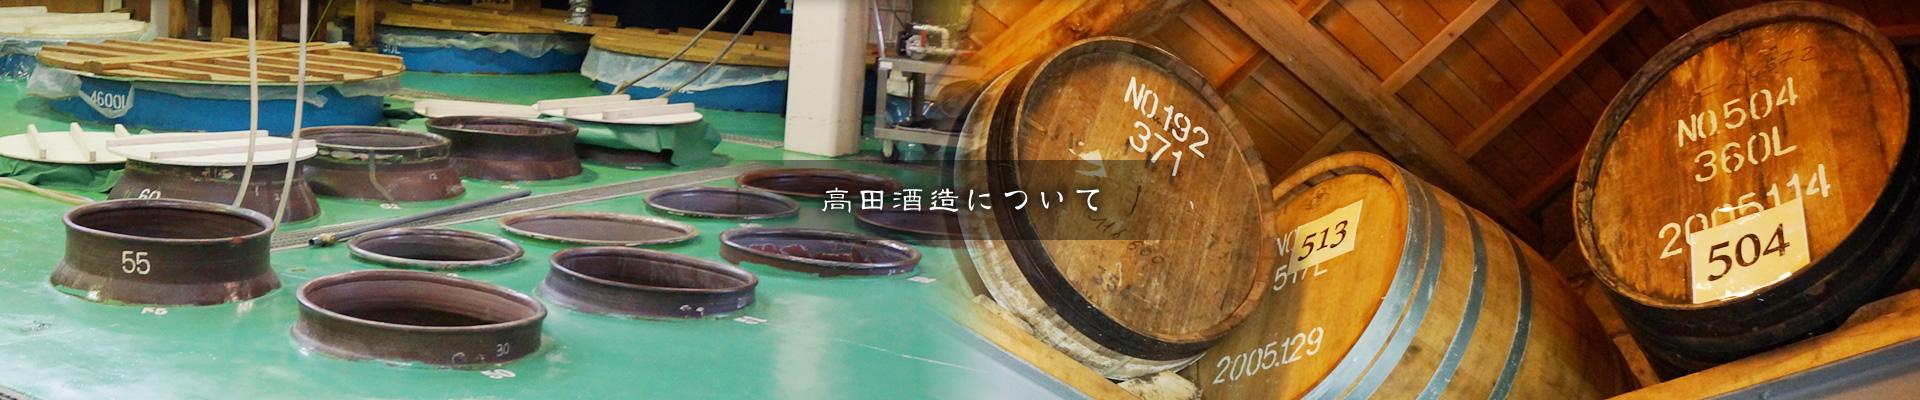 高田酒造について